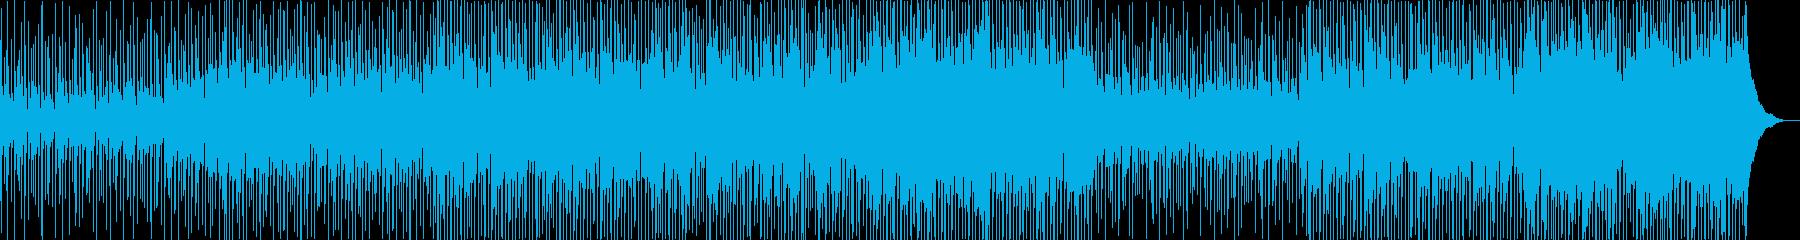 陽気で明るい軽やかなメロディの再生済みの波形